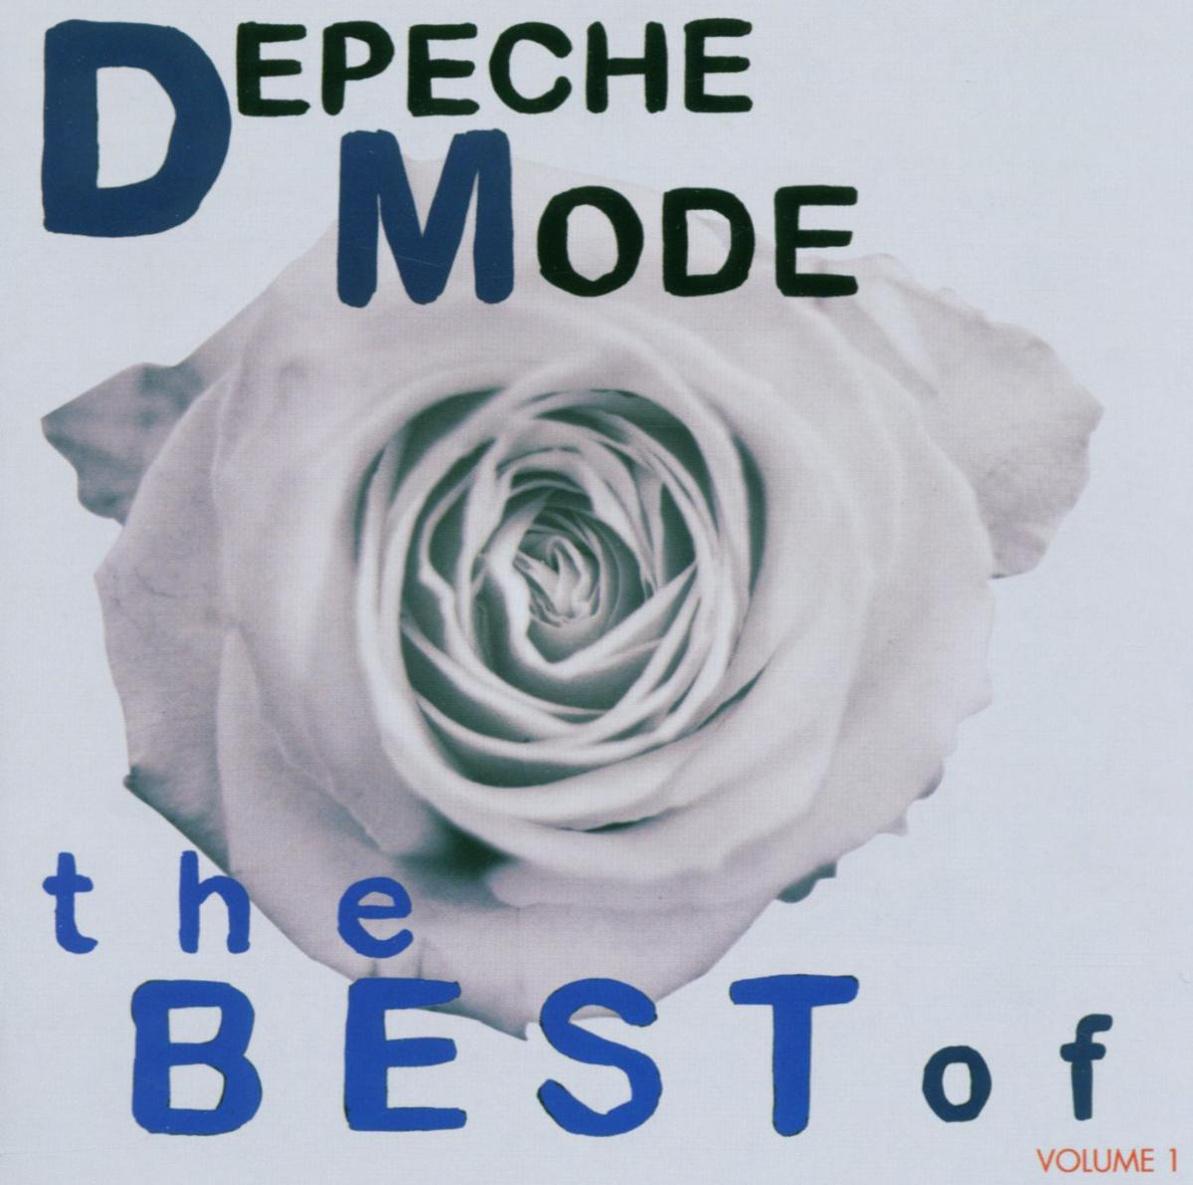 Depeche Mode - Best of Depeche Mode